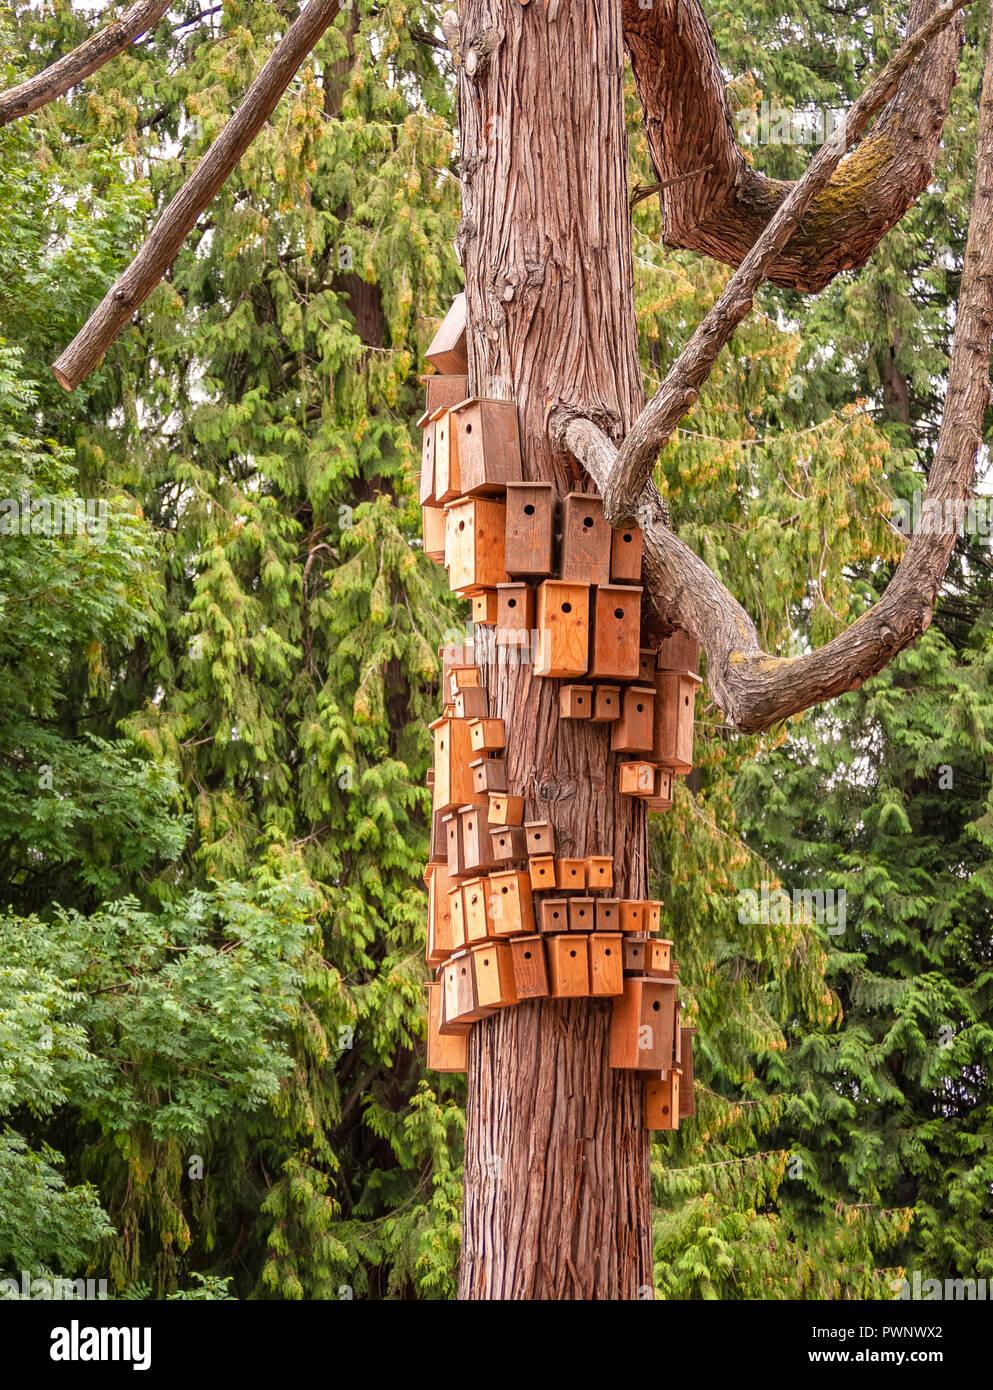 Nesting boxed auf Zeder Körper überfüllt. Stadt vogelhäuschen am baum stamm Stockbild